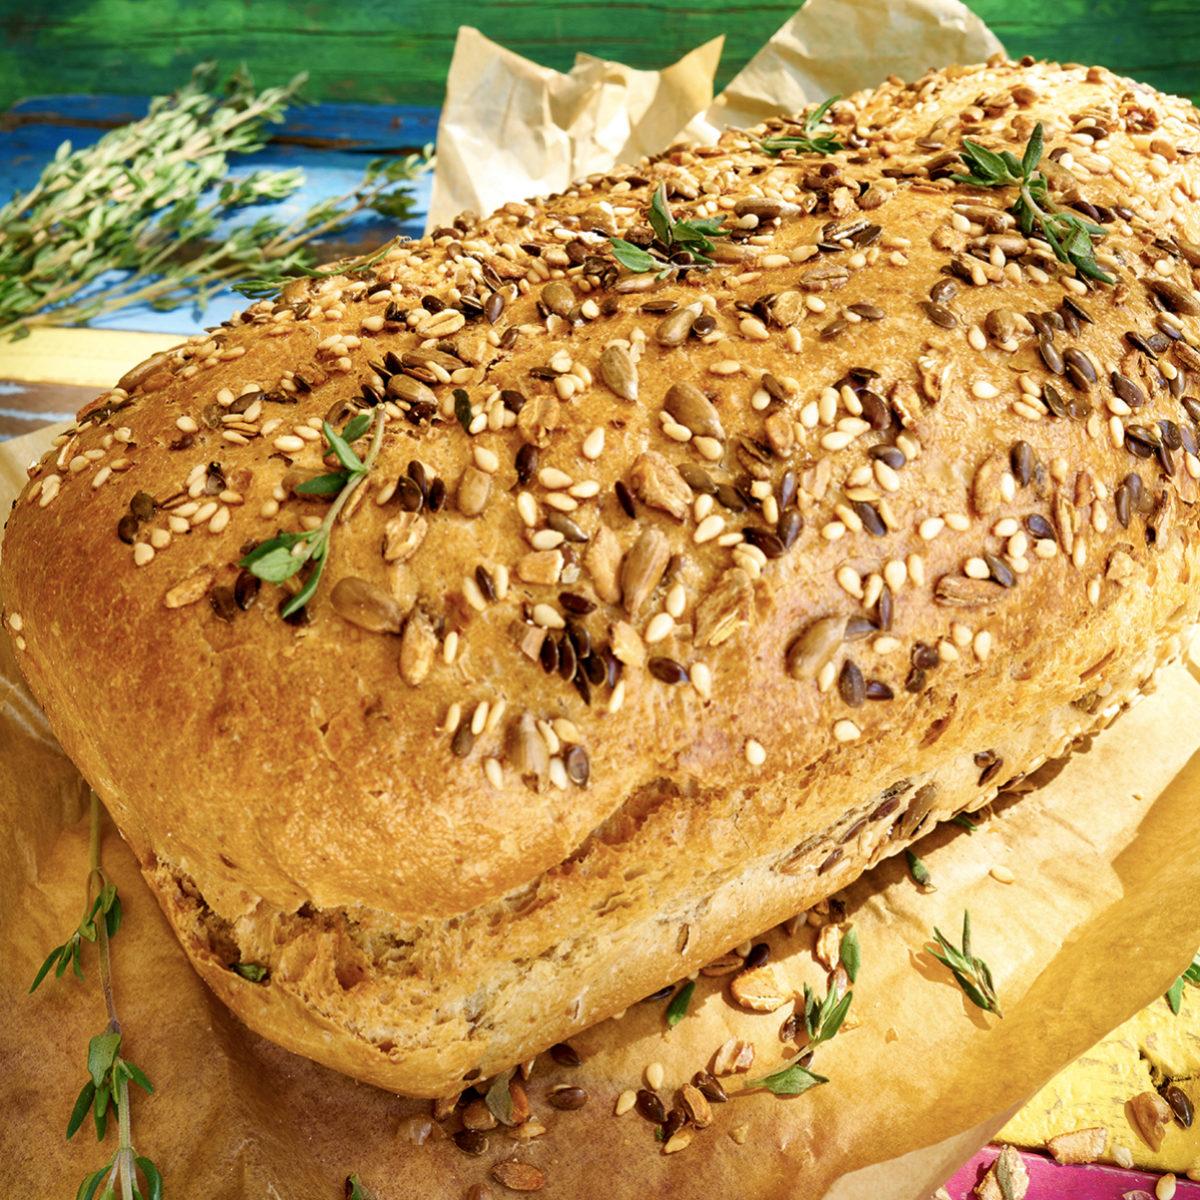 El pan multicereales no es un pan integral necesariamente.